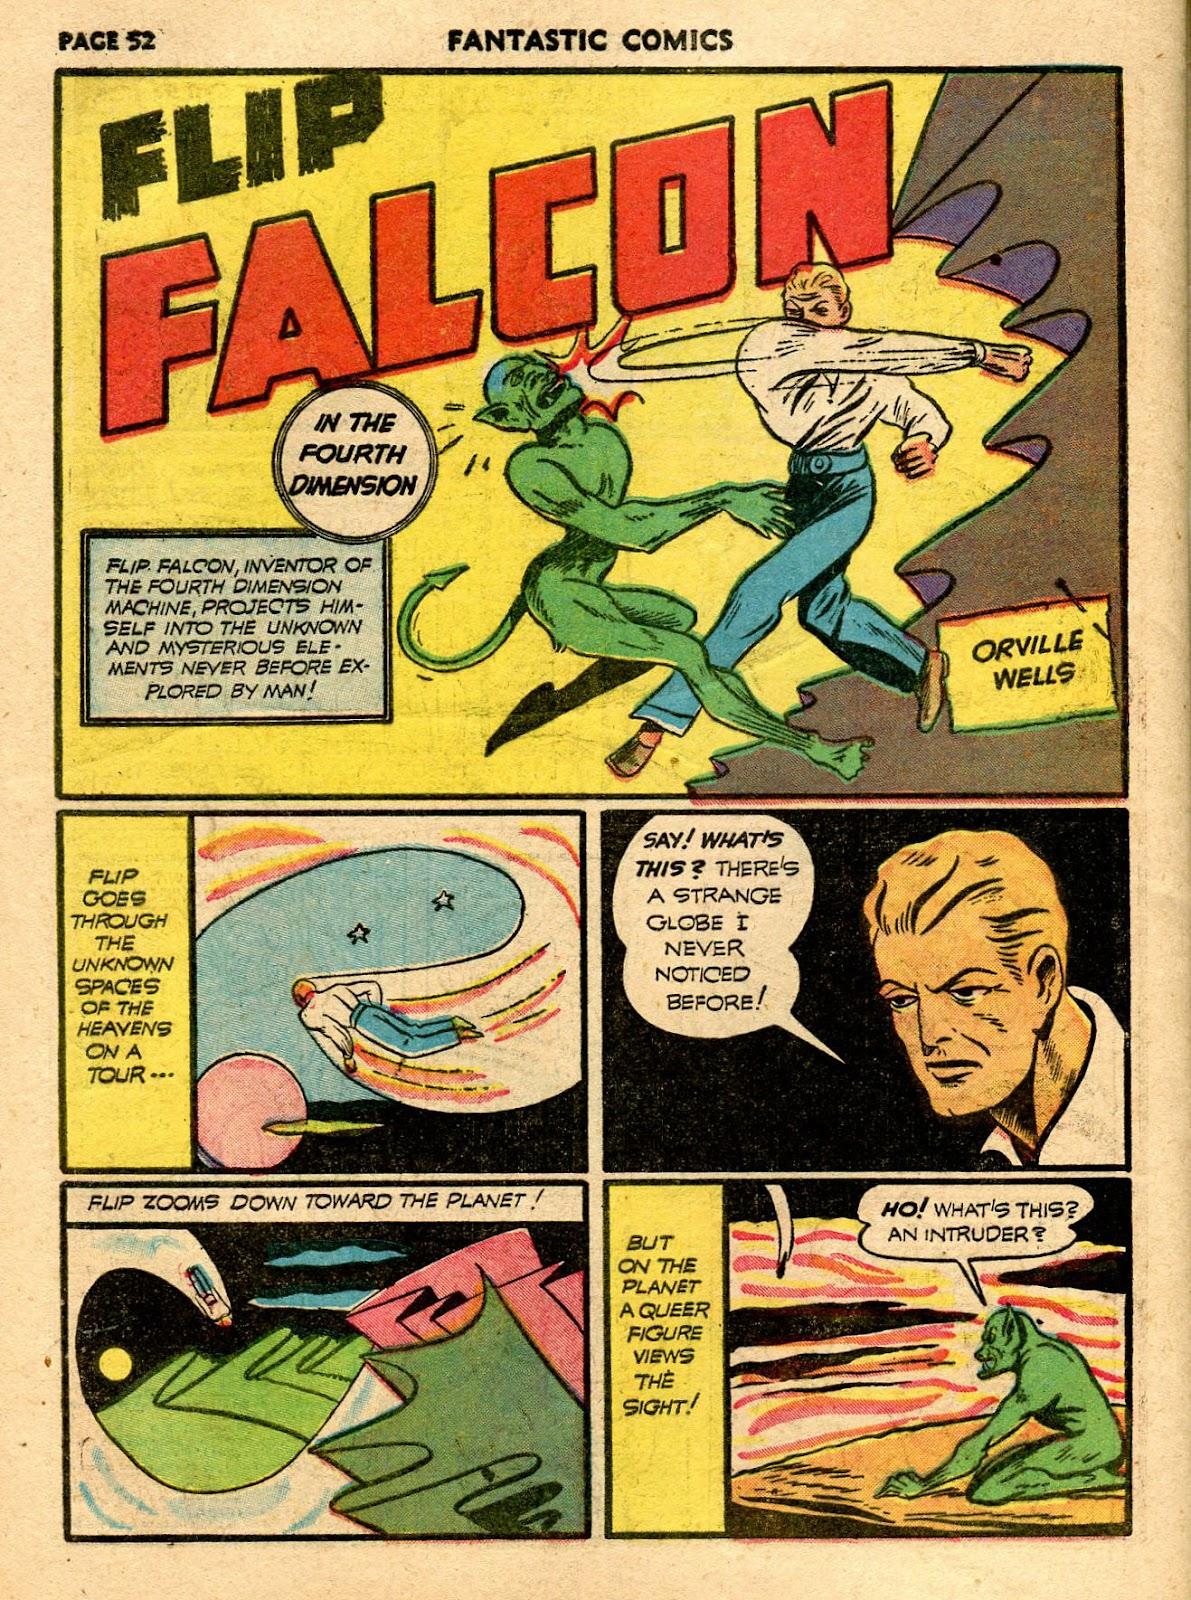 Read online Fantastic Comics comic -  Issue #21 - 50